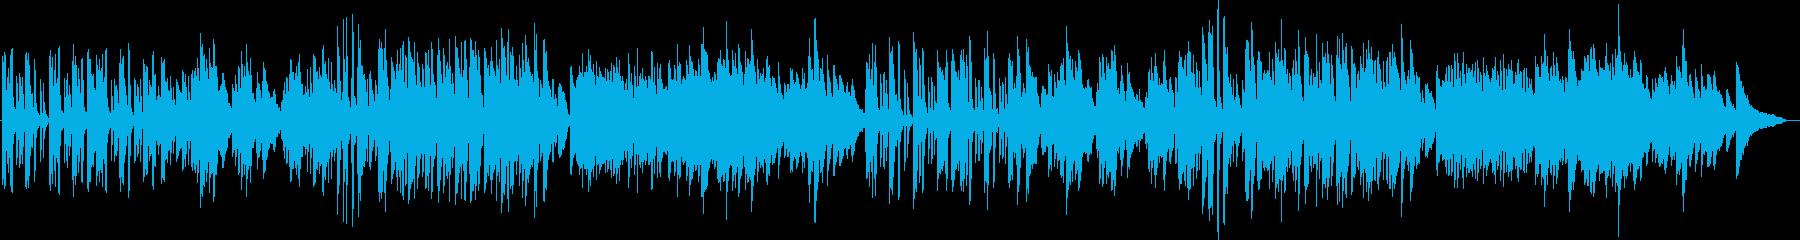 ピアノ生演奏/かわいい・小動物・ほのぼのの再生済みの波形